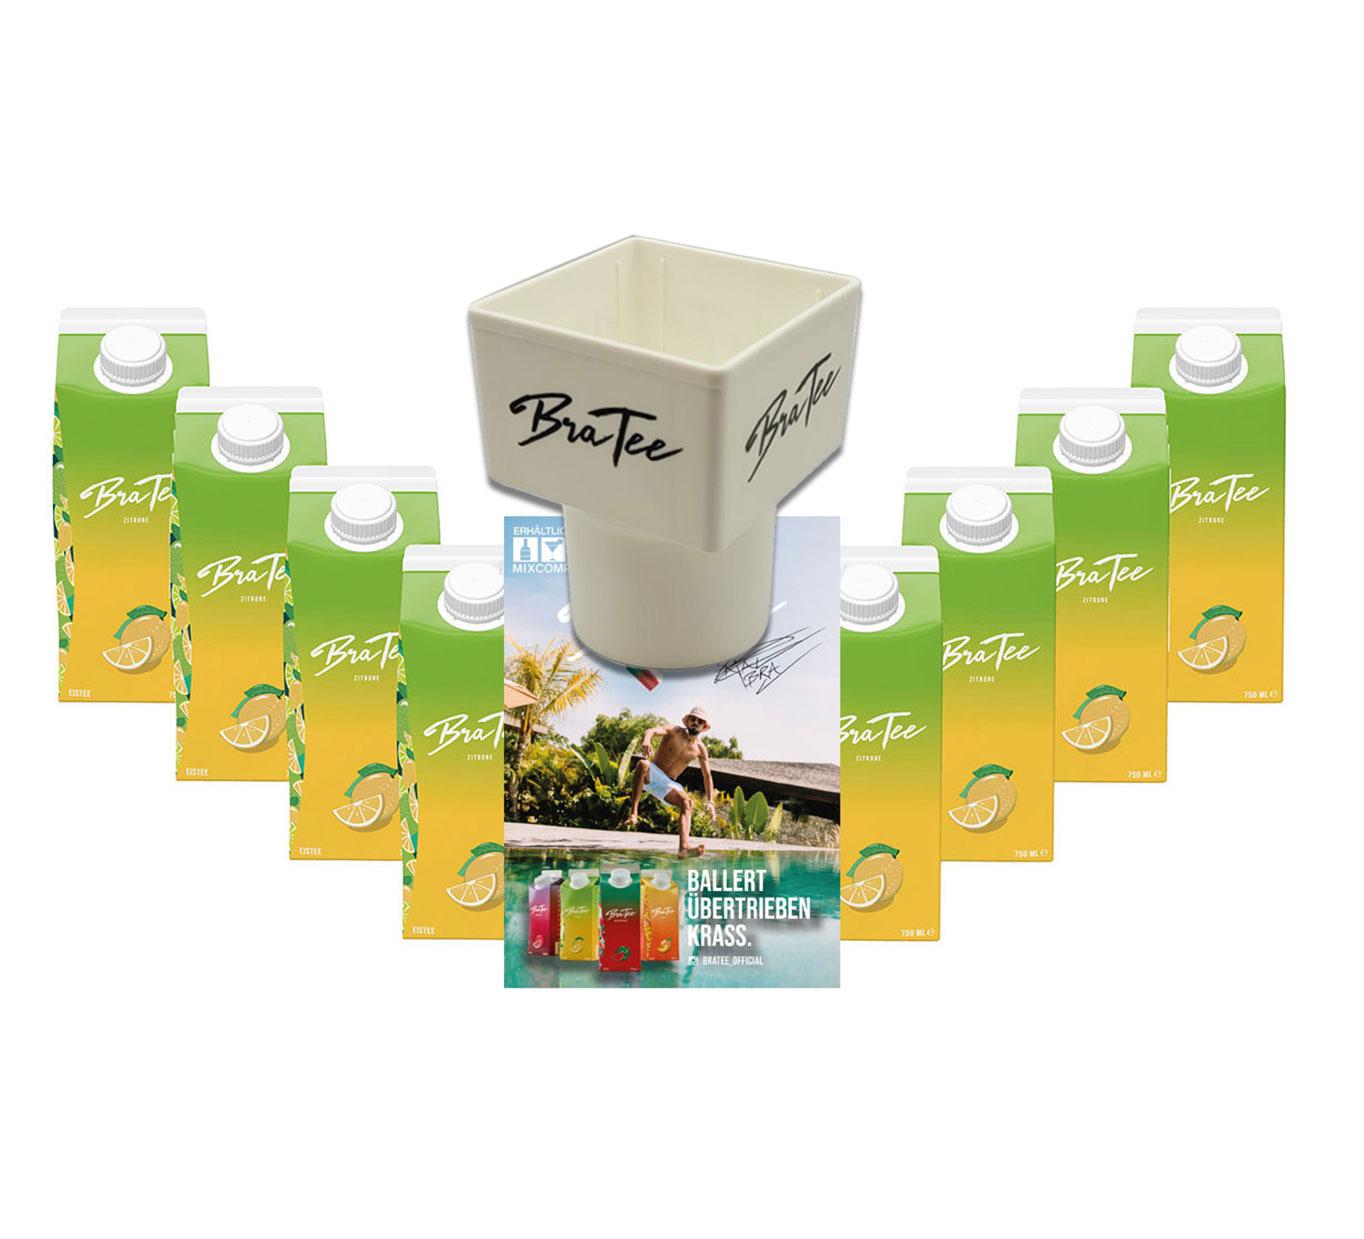 Capital BraTee 8er Set Eistee Zitrone Lemon 750ml Ice tea + Gratis Getränkehalter + Autogrammkarte - BRATEE übertrieben frisch, ohne viel Heck-Meck